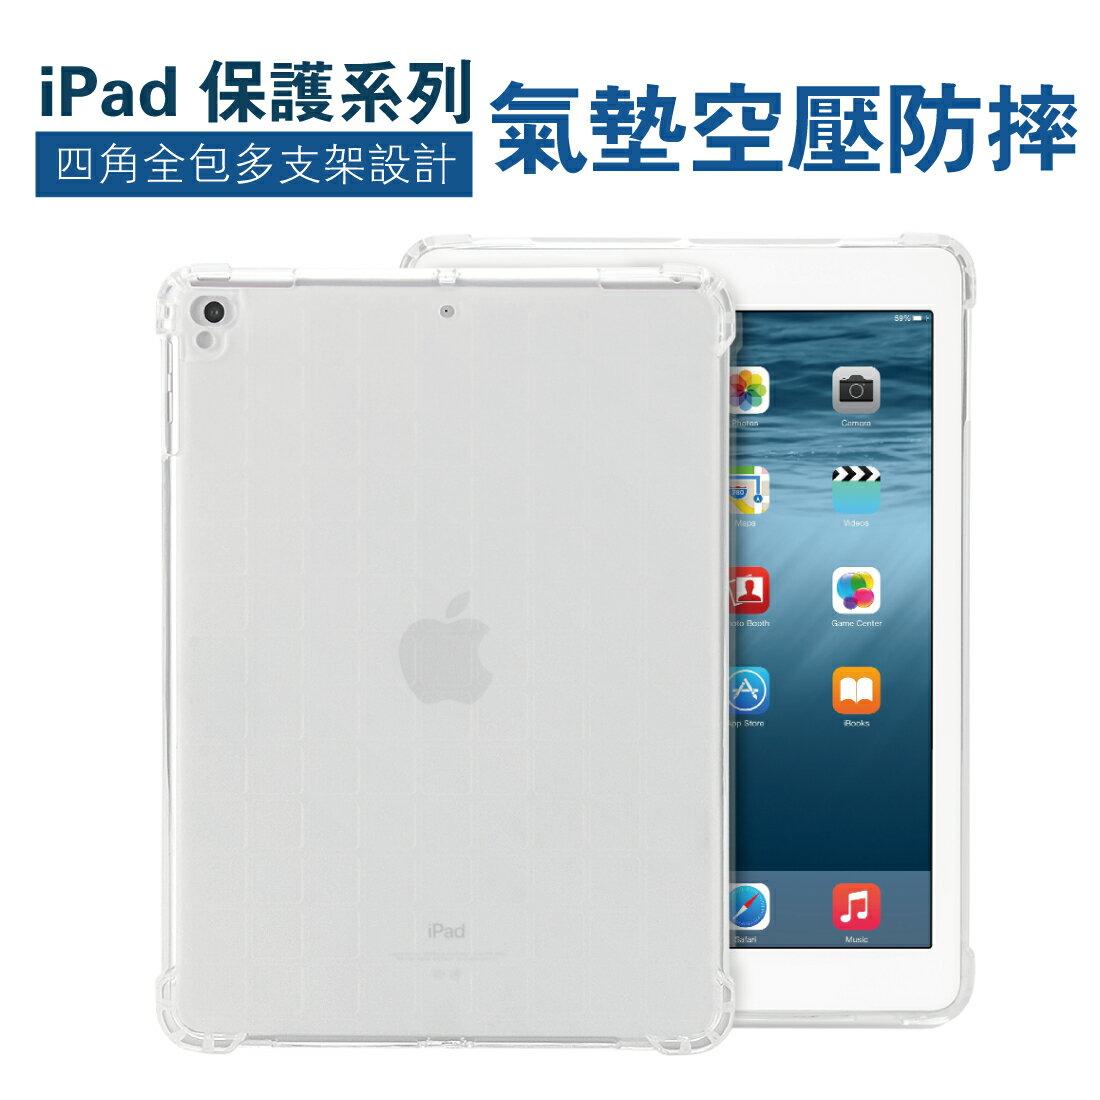 現貨 ipad mini5 保護套 四角防摔 iPad Air3平板矽膠保護套 Pro10.5 平板氣墊防摔殼